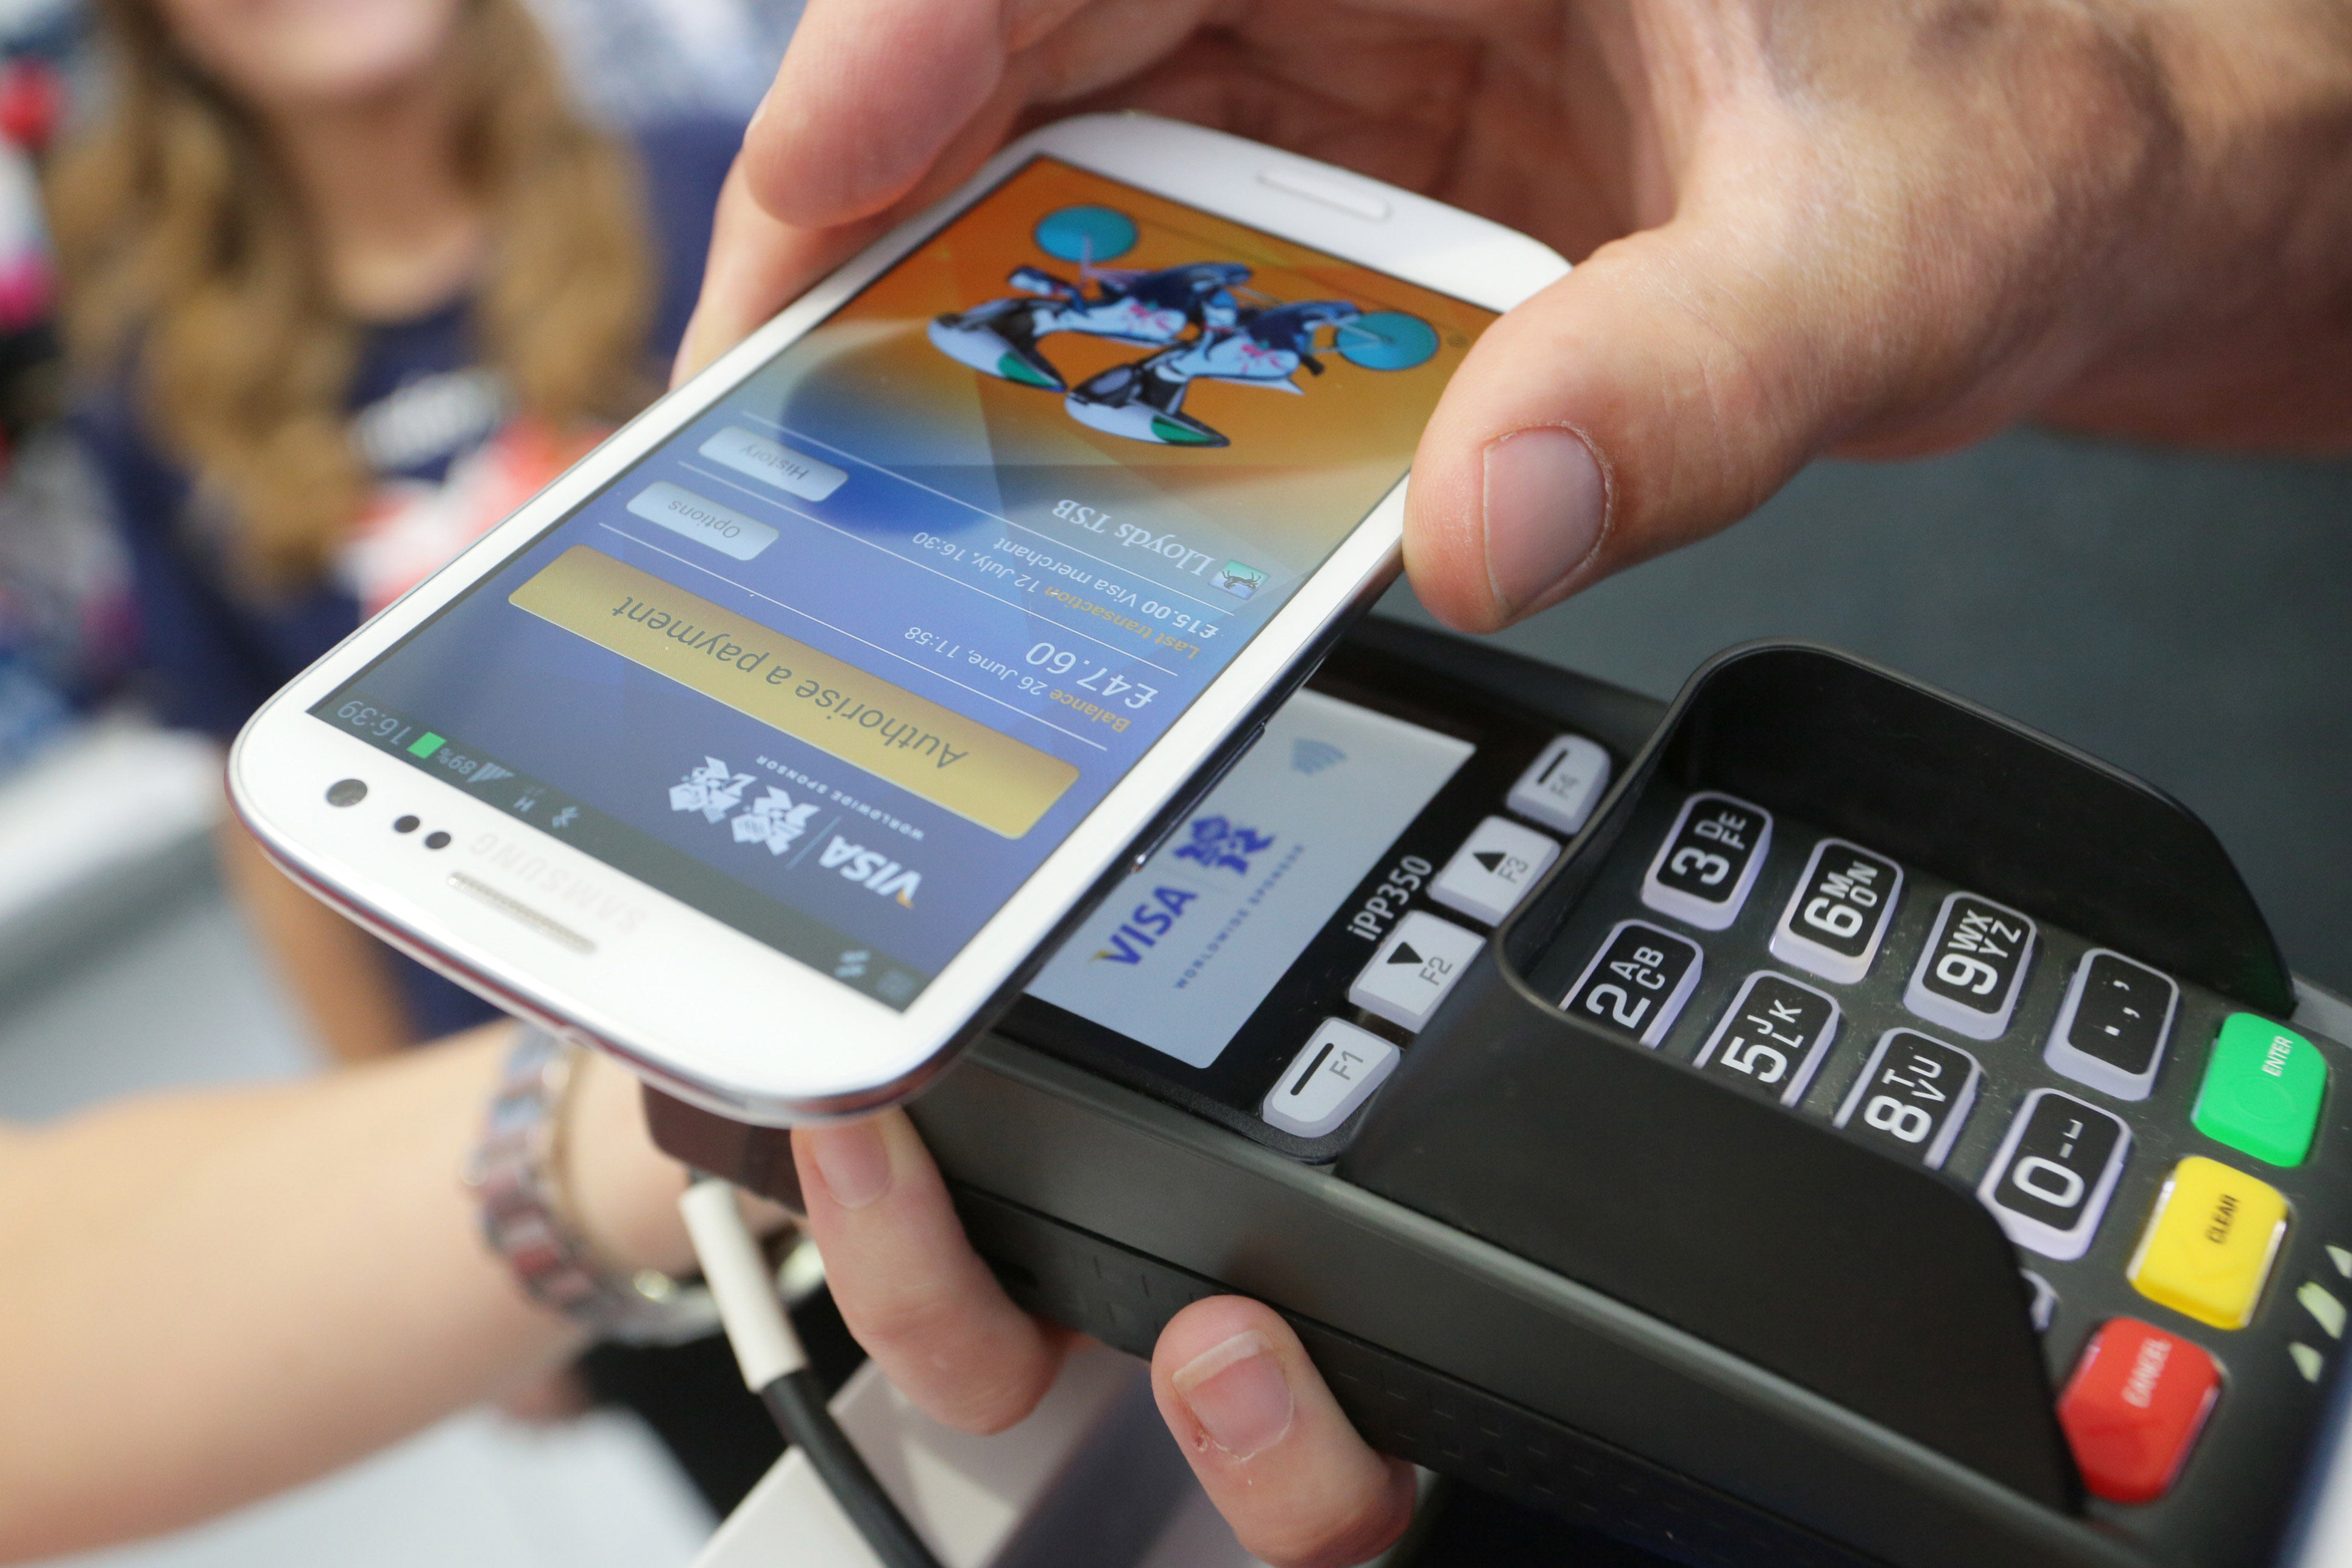 W dziedzinie nowoczesnych płatności mobilnych Polacy przodują nawet w skali światowej